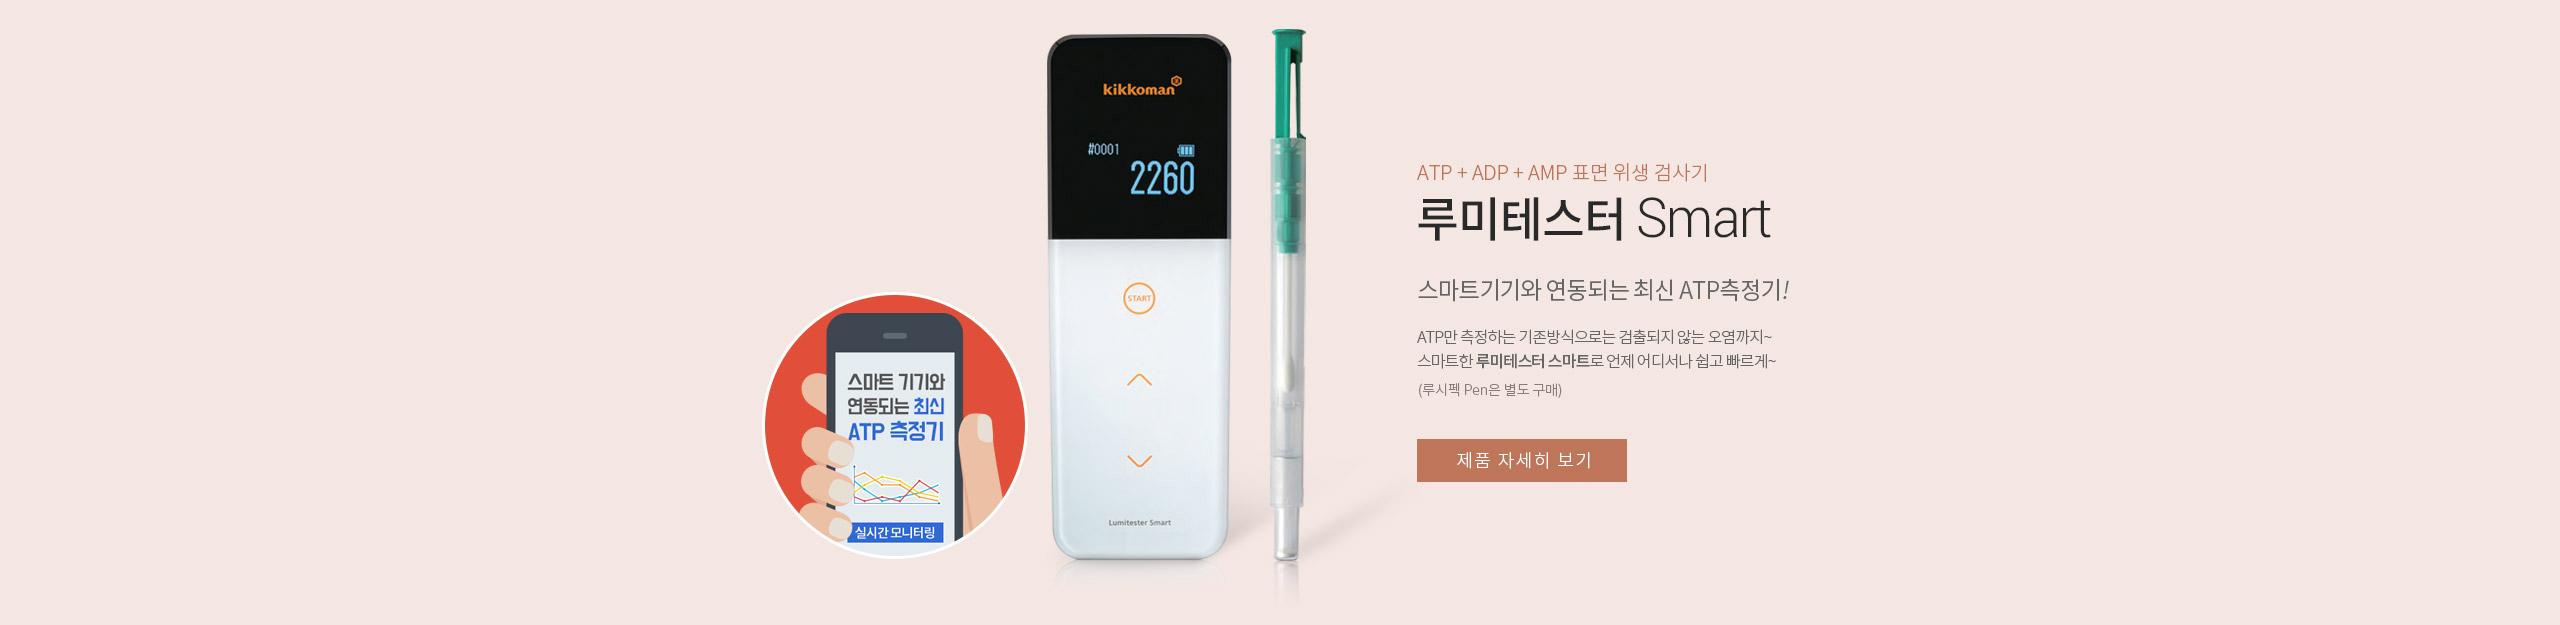 ATP+ADP+AMP 측정기